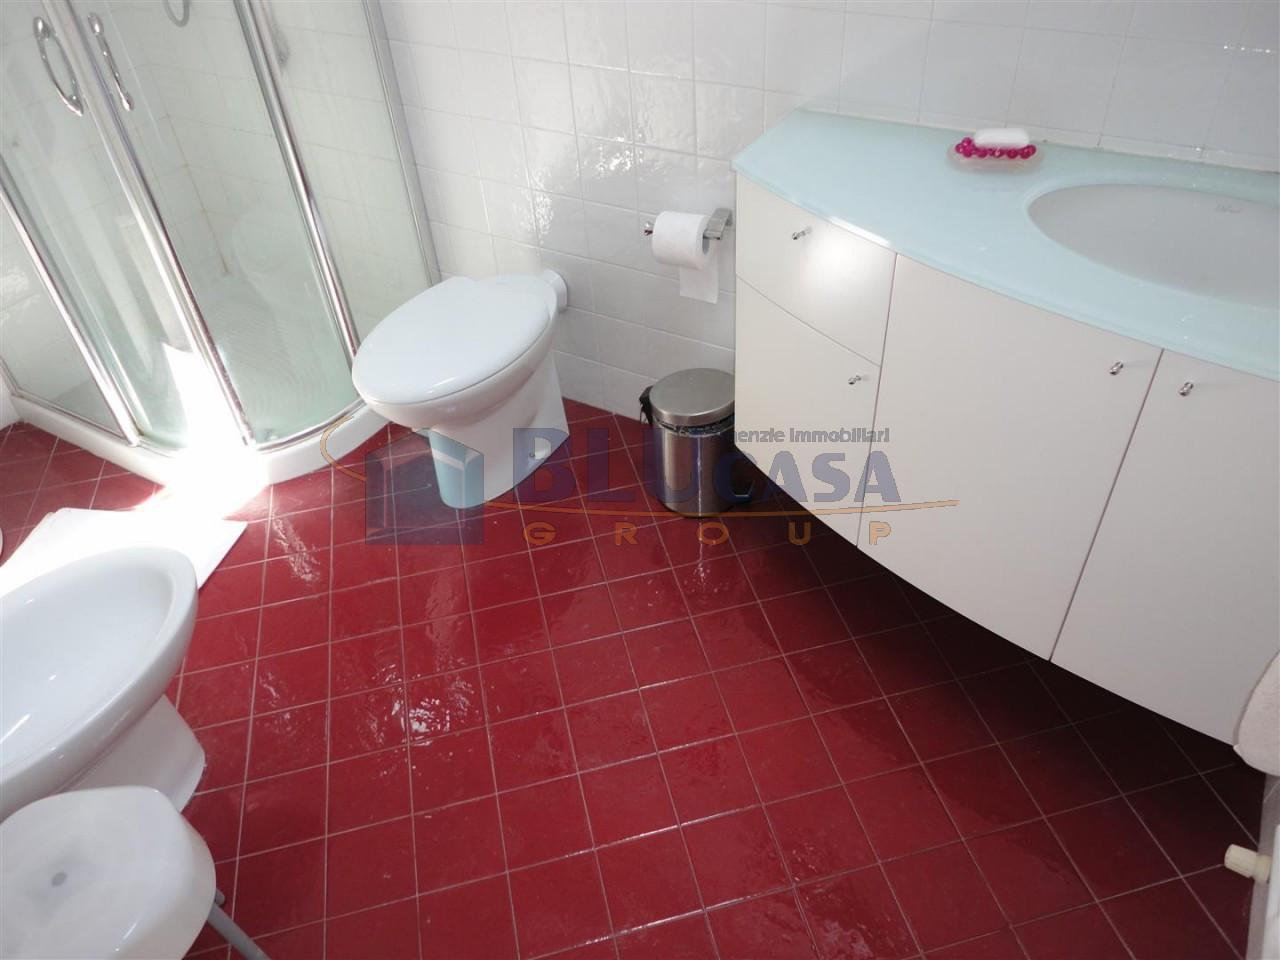 L476 Appartamento in vendita in Centro ad Abano Terme https://media.gestionaleimmobiliare.it/foto/annunci/190608/2016988/1280x1280/008__09_bagno_cieco.jpg